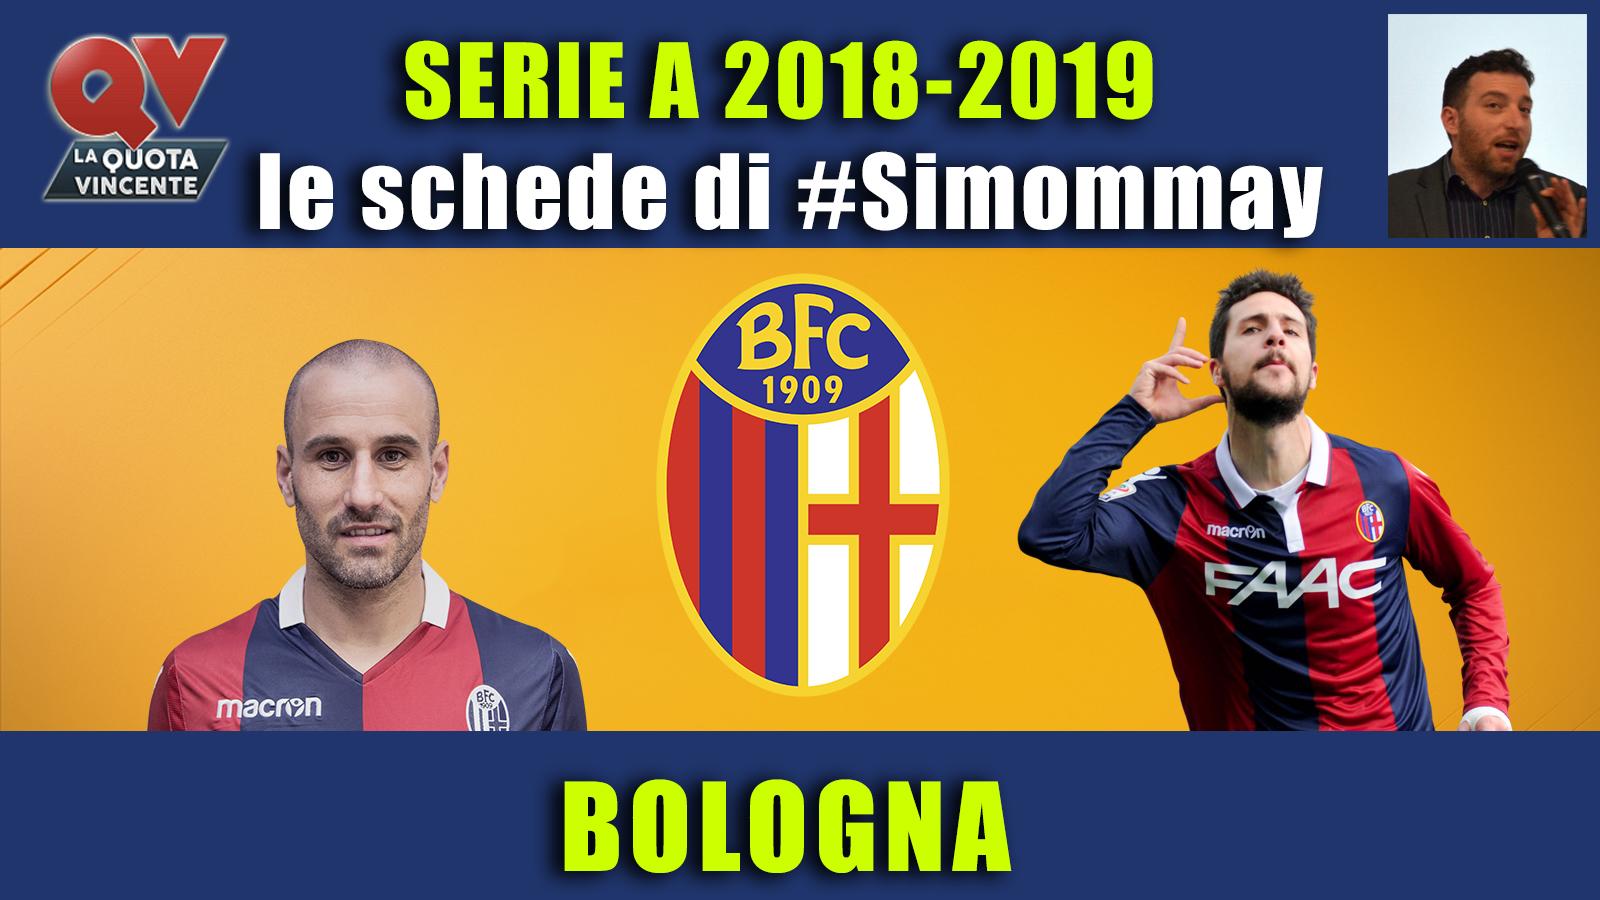 Guida Serie A 2018-2019 BOLOGNA: la nuova era Pippo Inzaghi